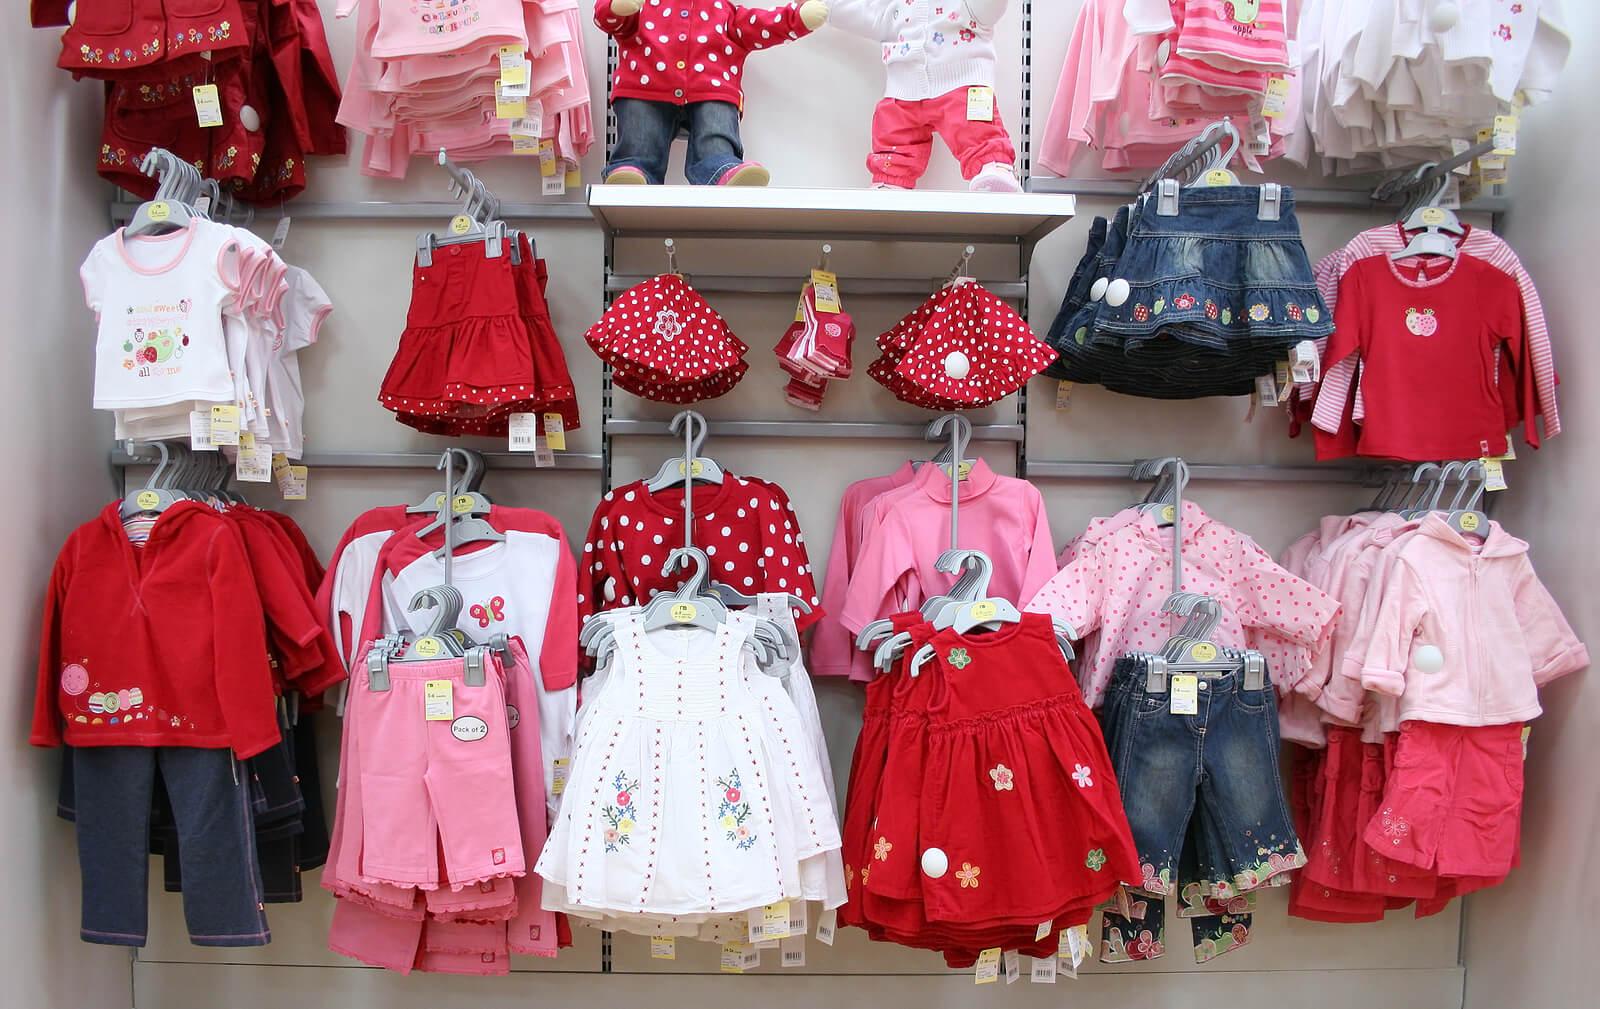 Tienda online para comprar ropa al bebé.